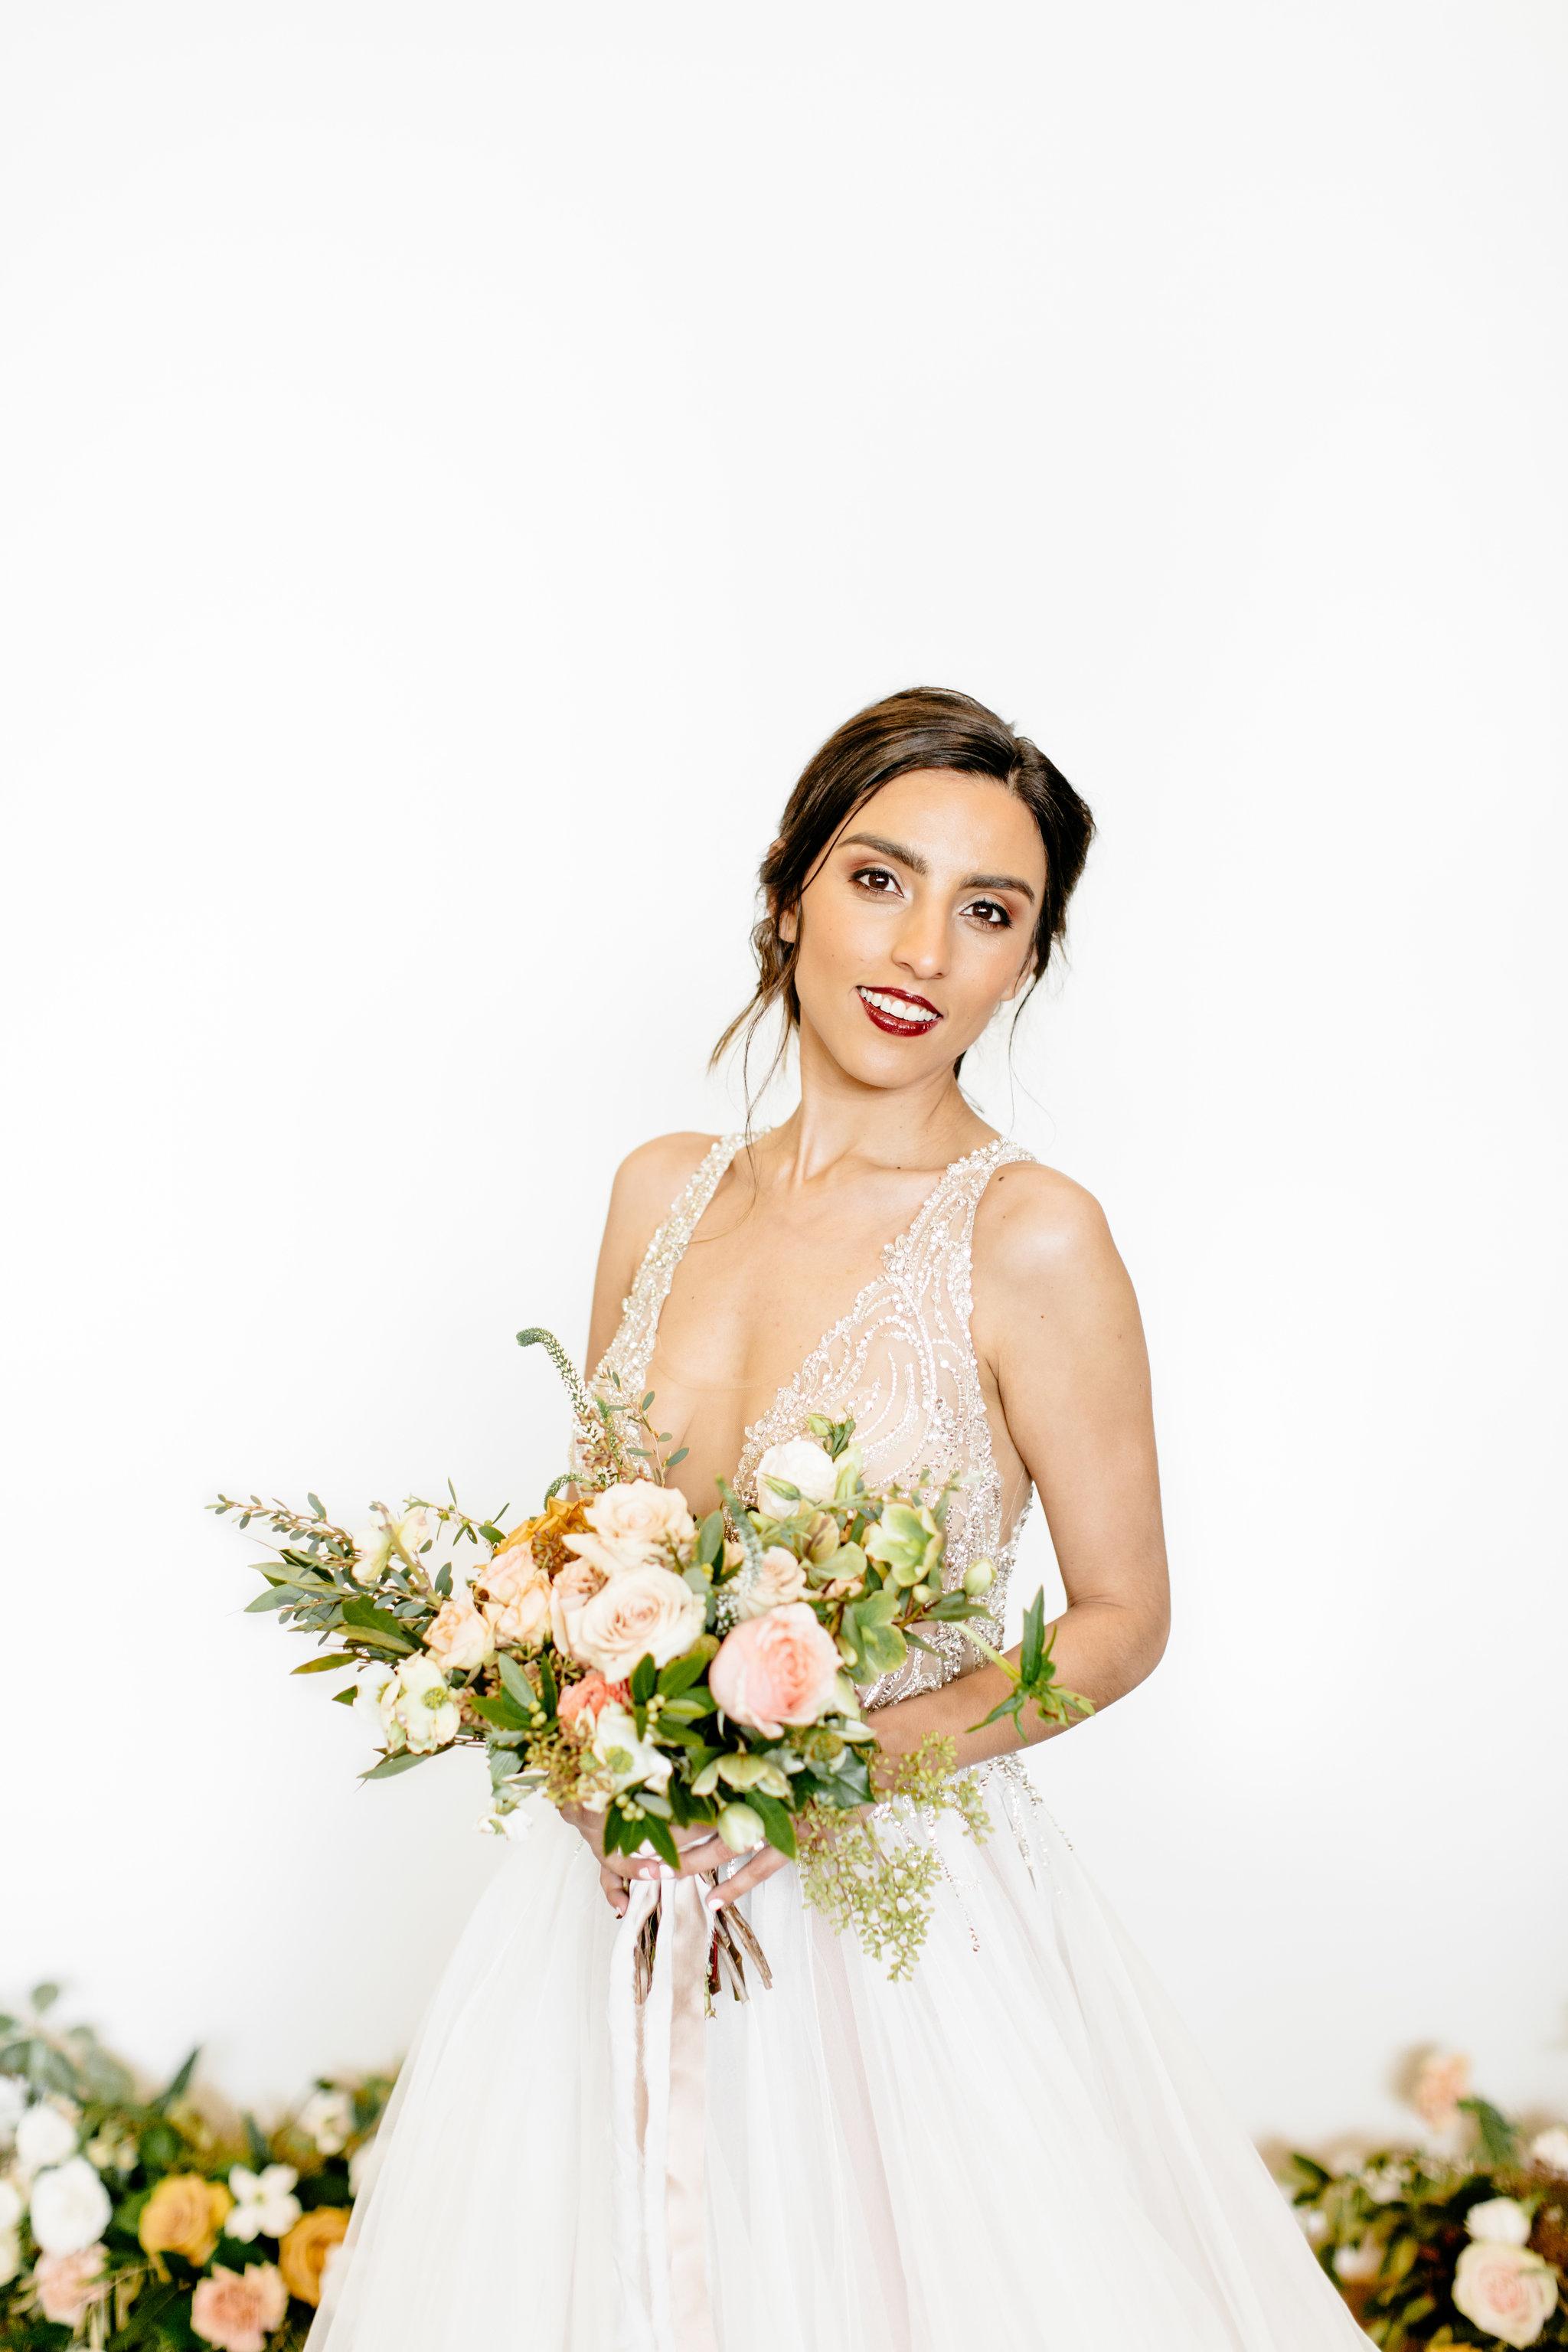 Alexa-Vossler-Photo_Dallas-Wedding-Photographer_Photoshoot-at-the-Station-McKinney_Empower-Event-42.jpg